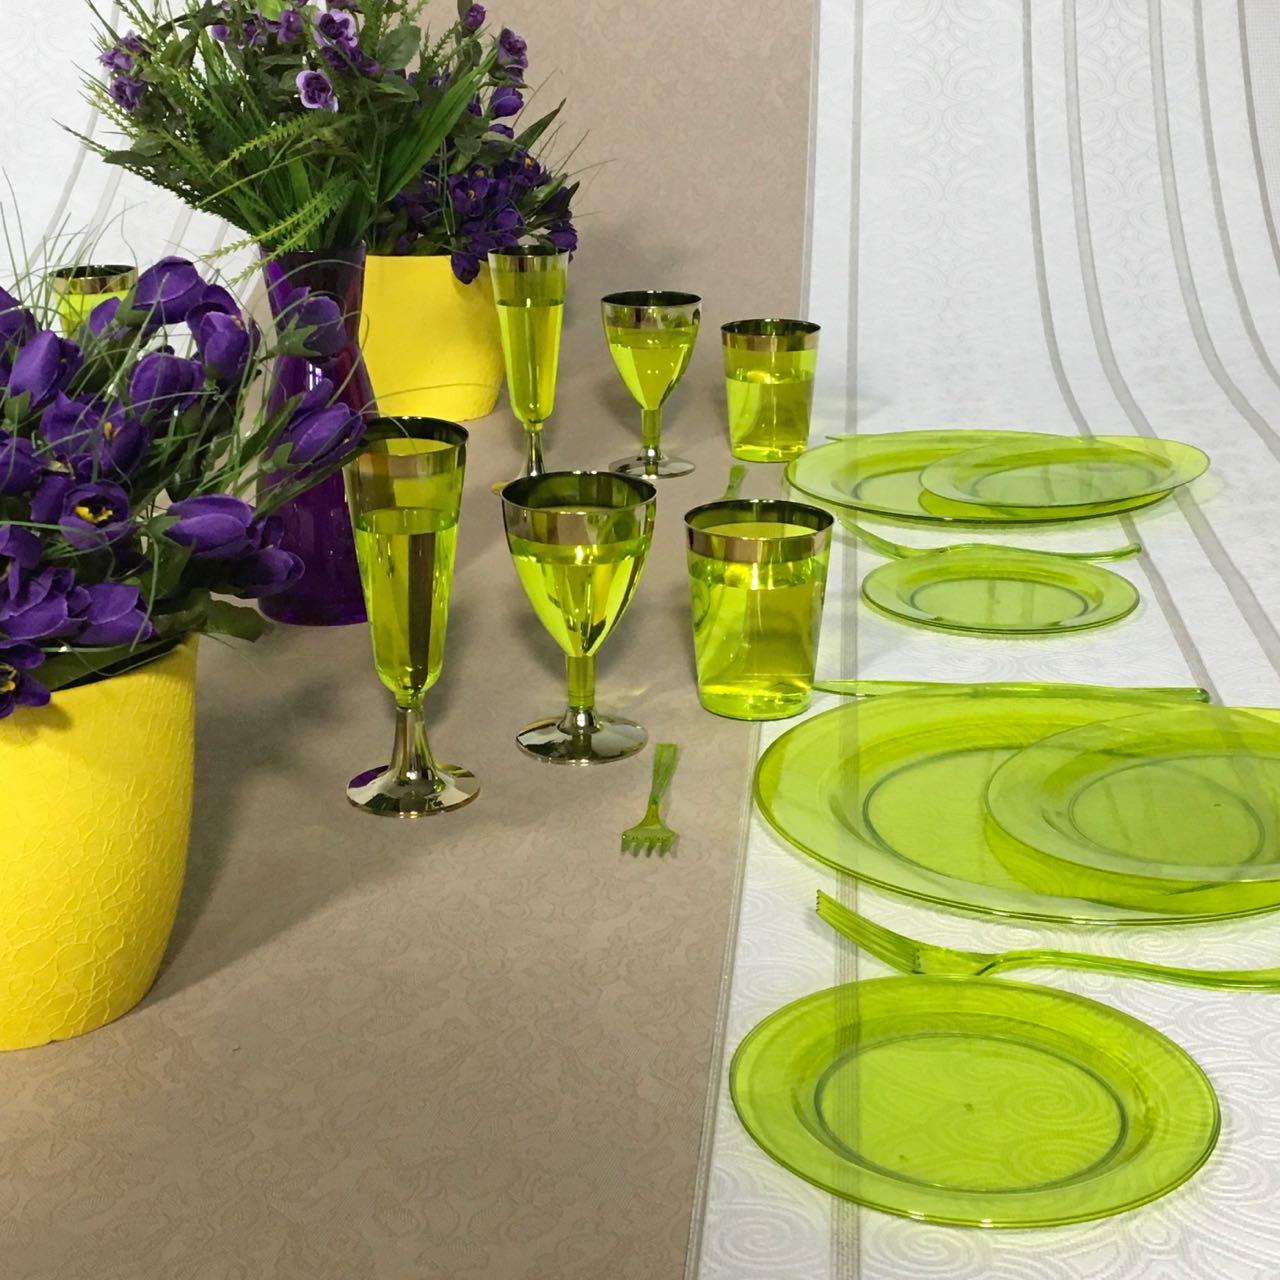 Тарелки одноразовые стекловидные красивые для банкета, презентаций, выставки, торжеств  CFP 6 шт 190 мм